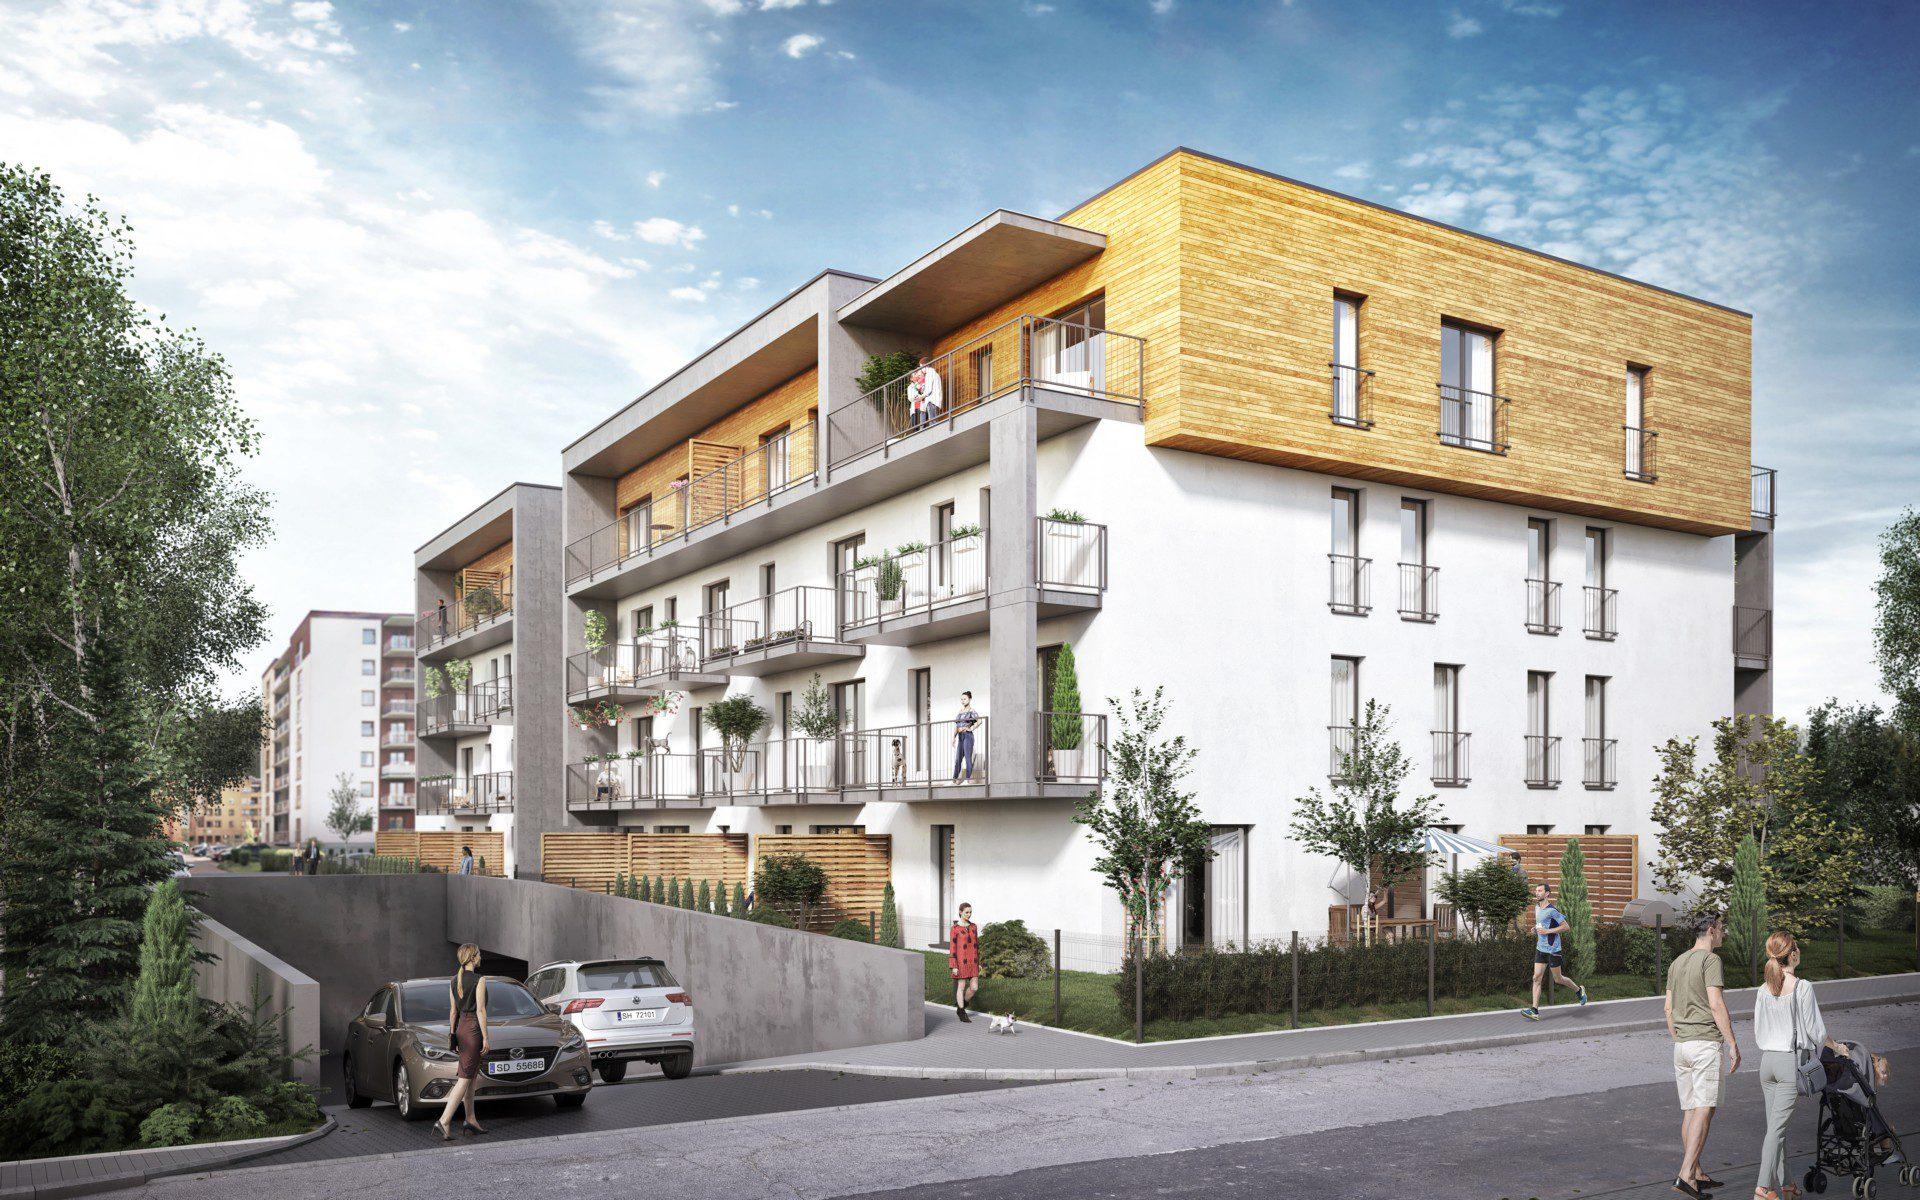 Budynek wielorodzinny mieszkalny w Dąbrowie Górniczej wizualizacje